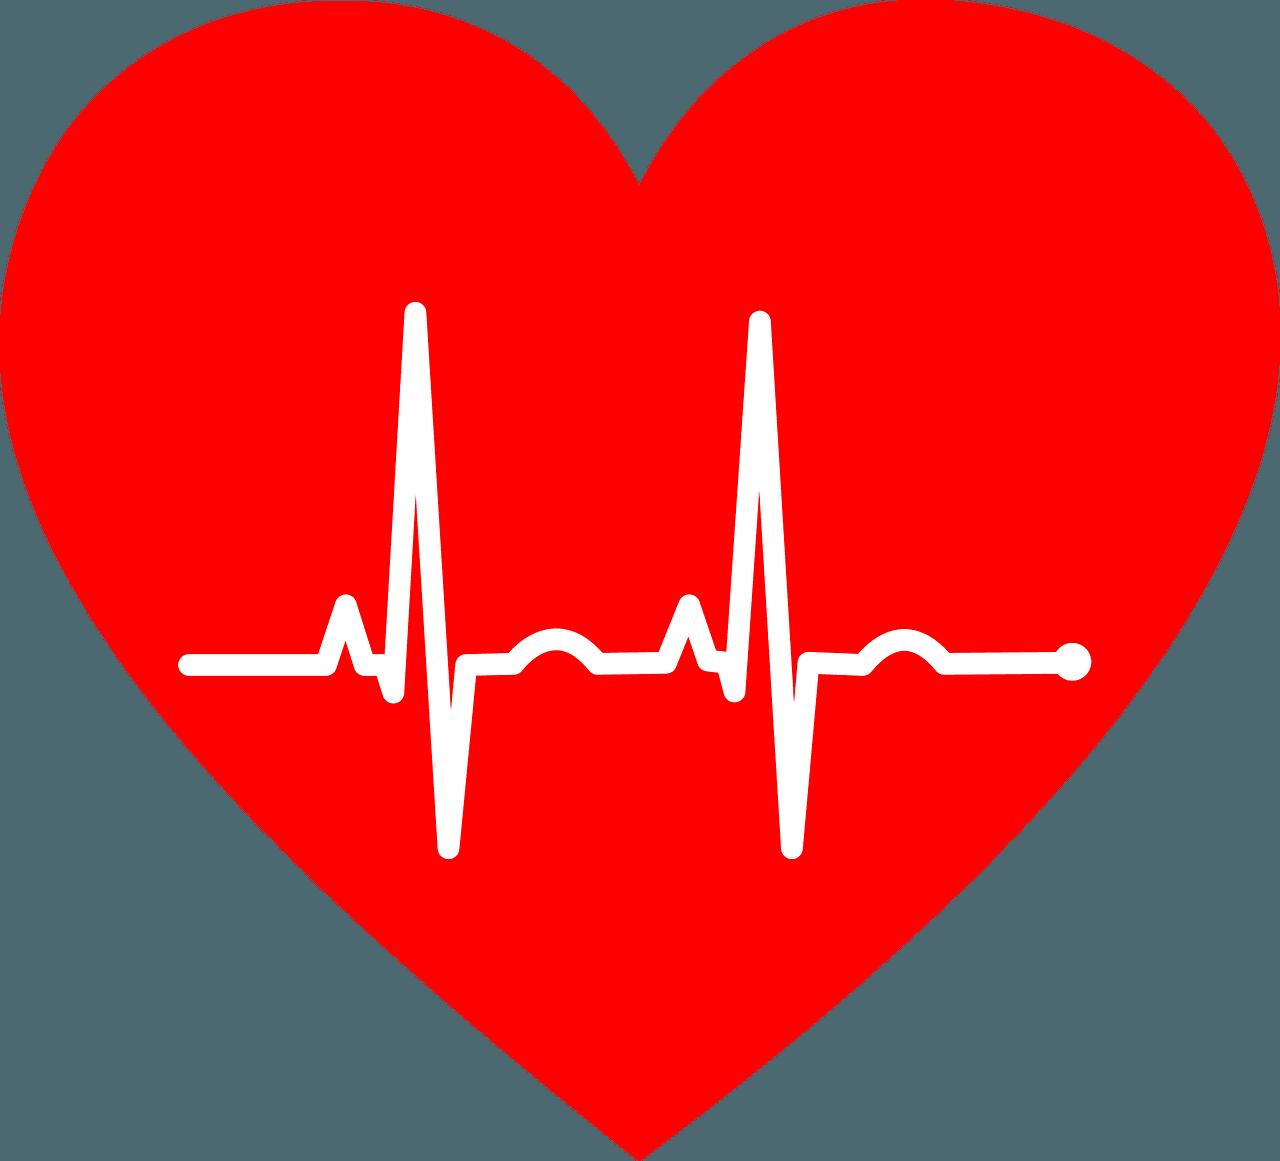 Llegar a objetivos hace que nuestro corazón tenga sobresaltos